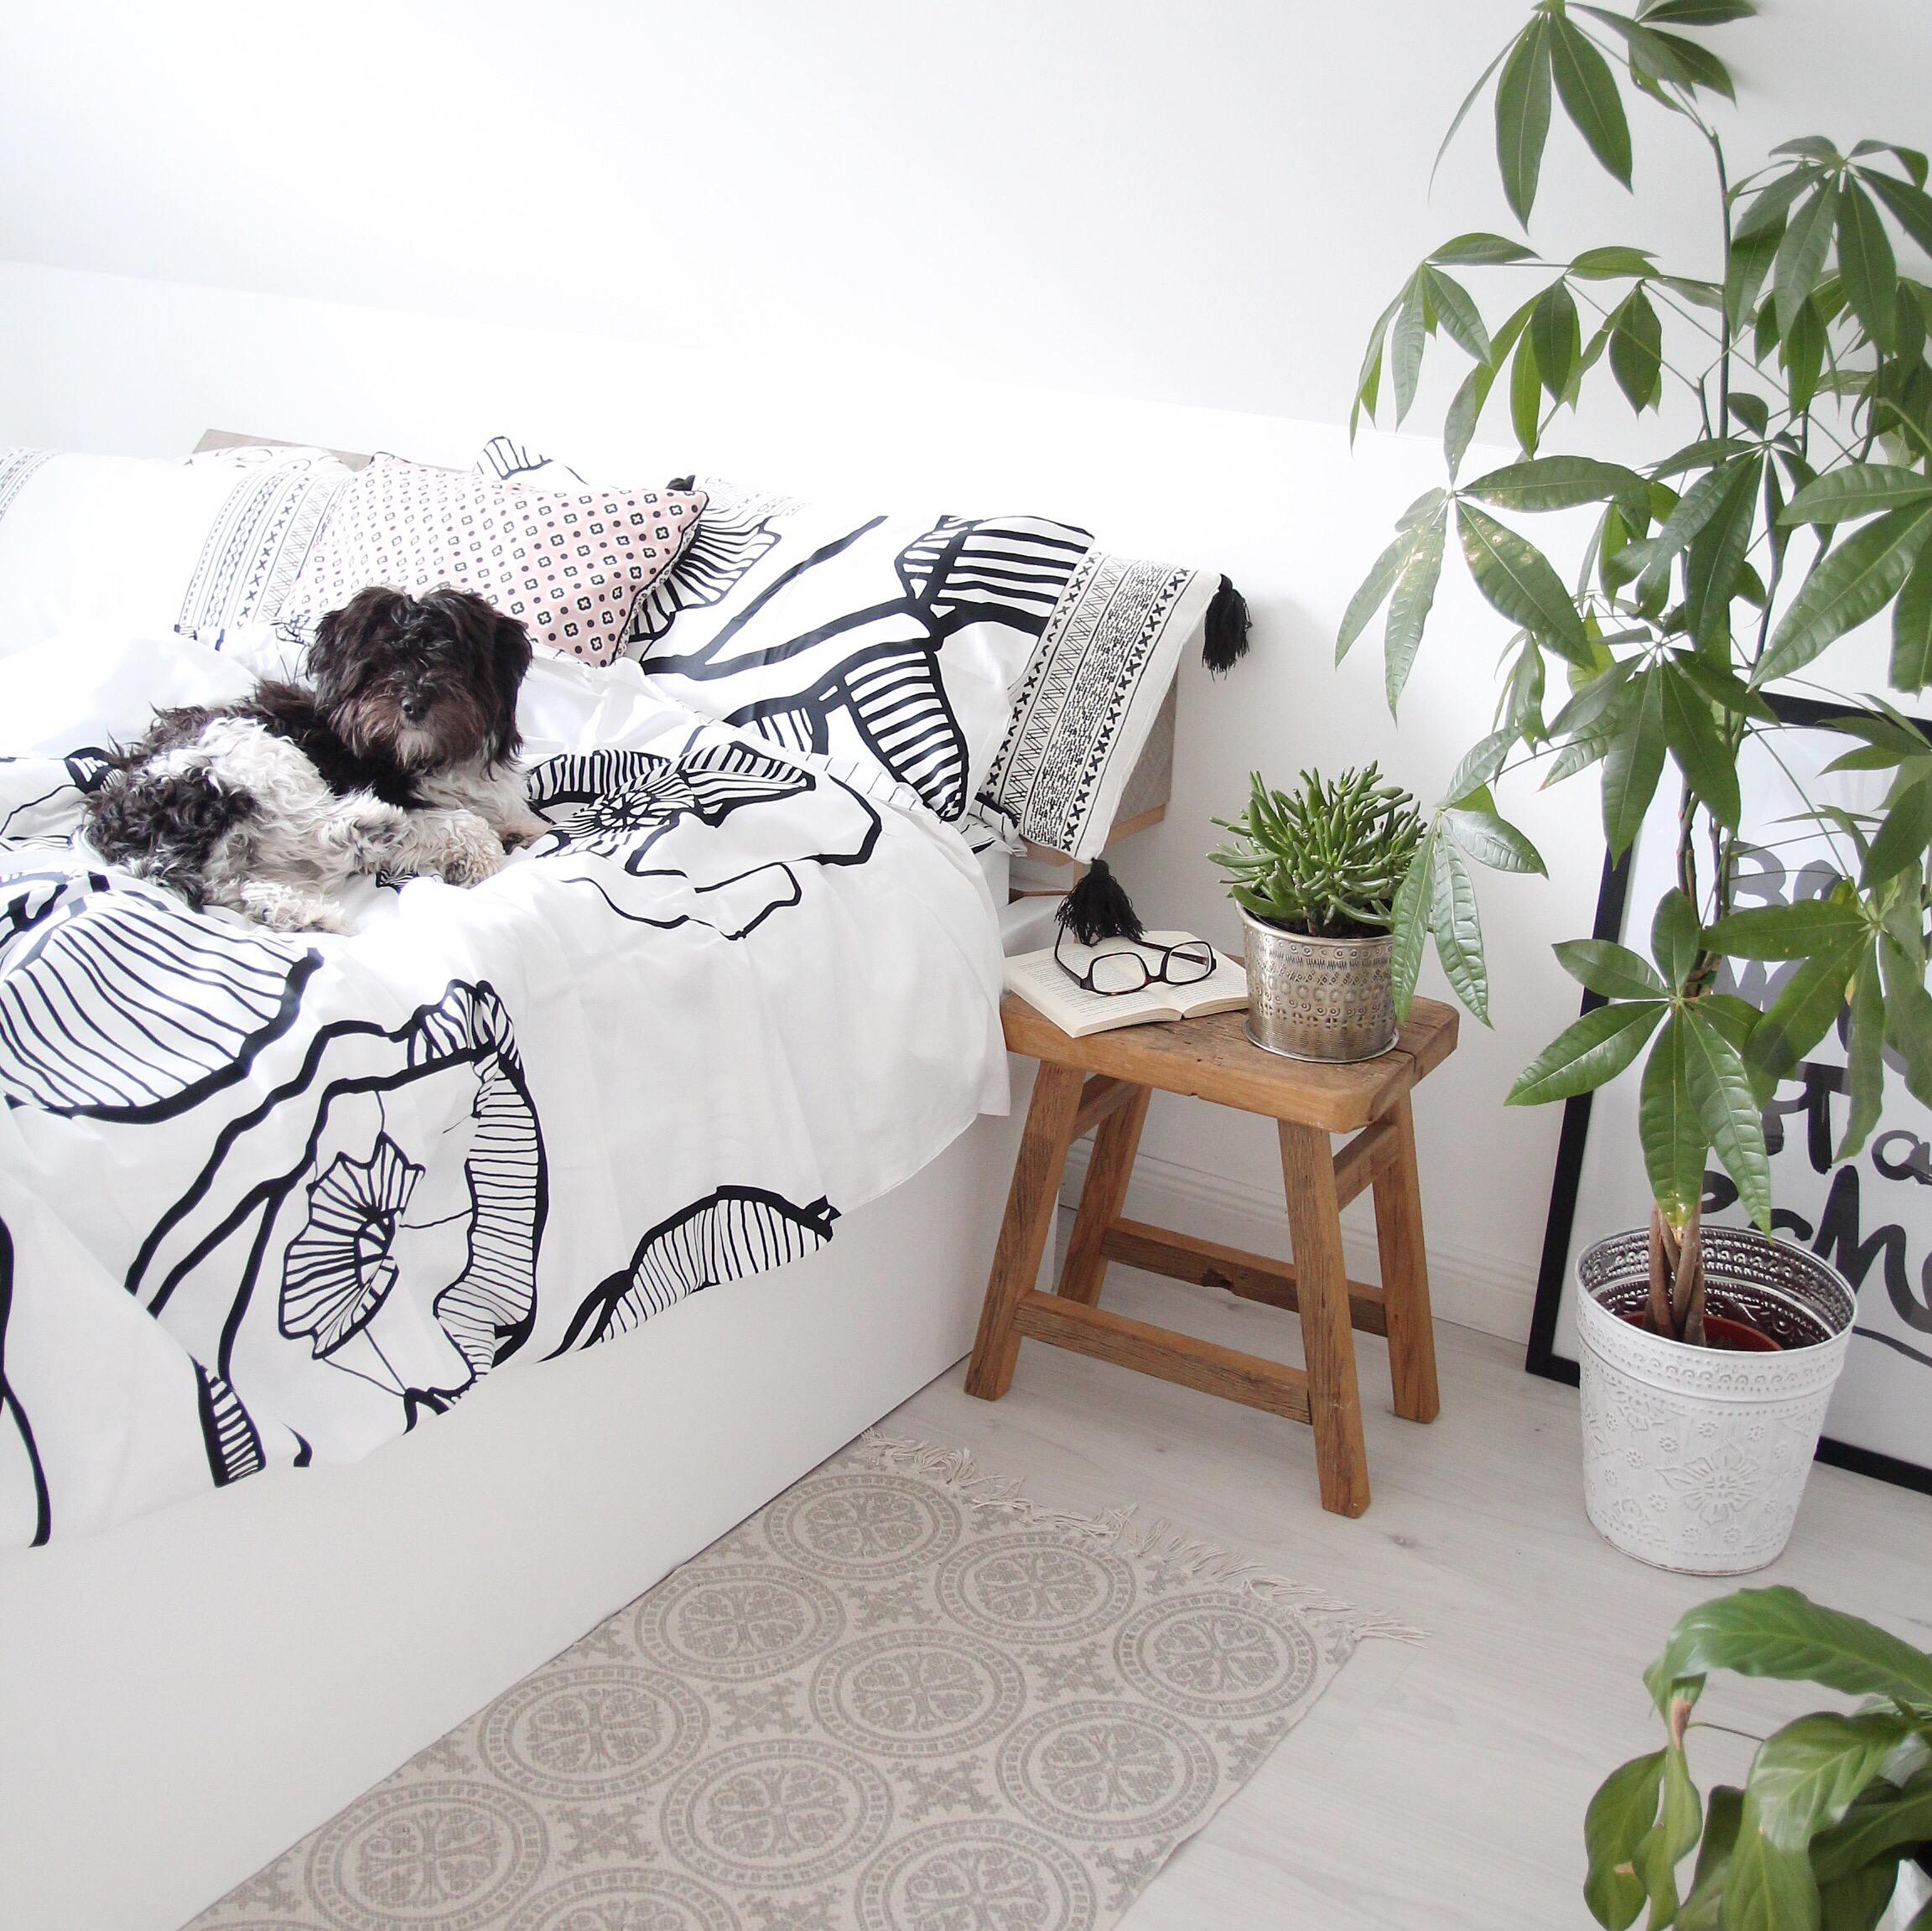 Sonst Ist Im Schlafzimmer Eigentlich Alles Beim Alten, Obwohl Es Mir In Den  Fingern Kribbelt, Eine Neue Deckenleuchte Und Einen Teppich Zu Kaufen.